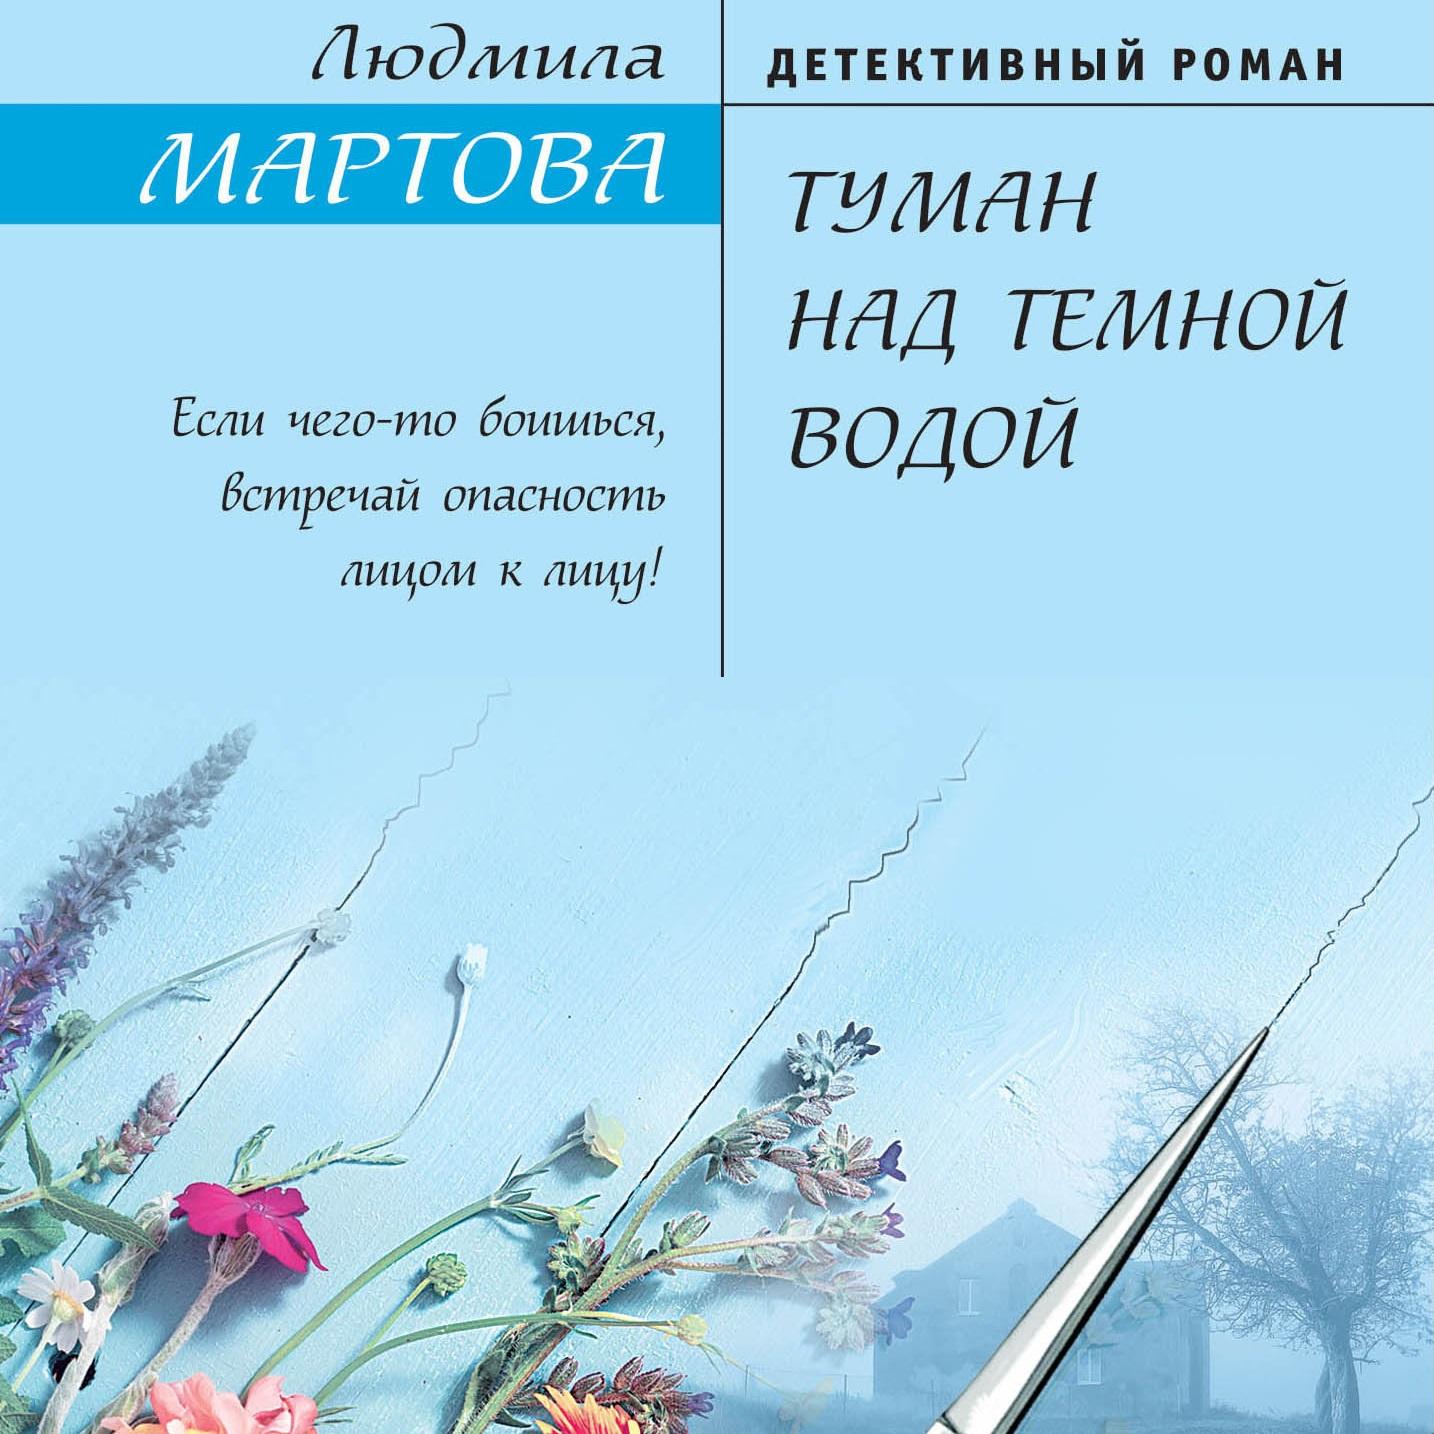 Купить книгу Туман над темной водой, автора Людмилы Мартовой